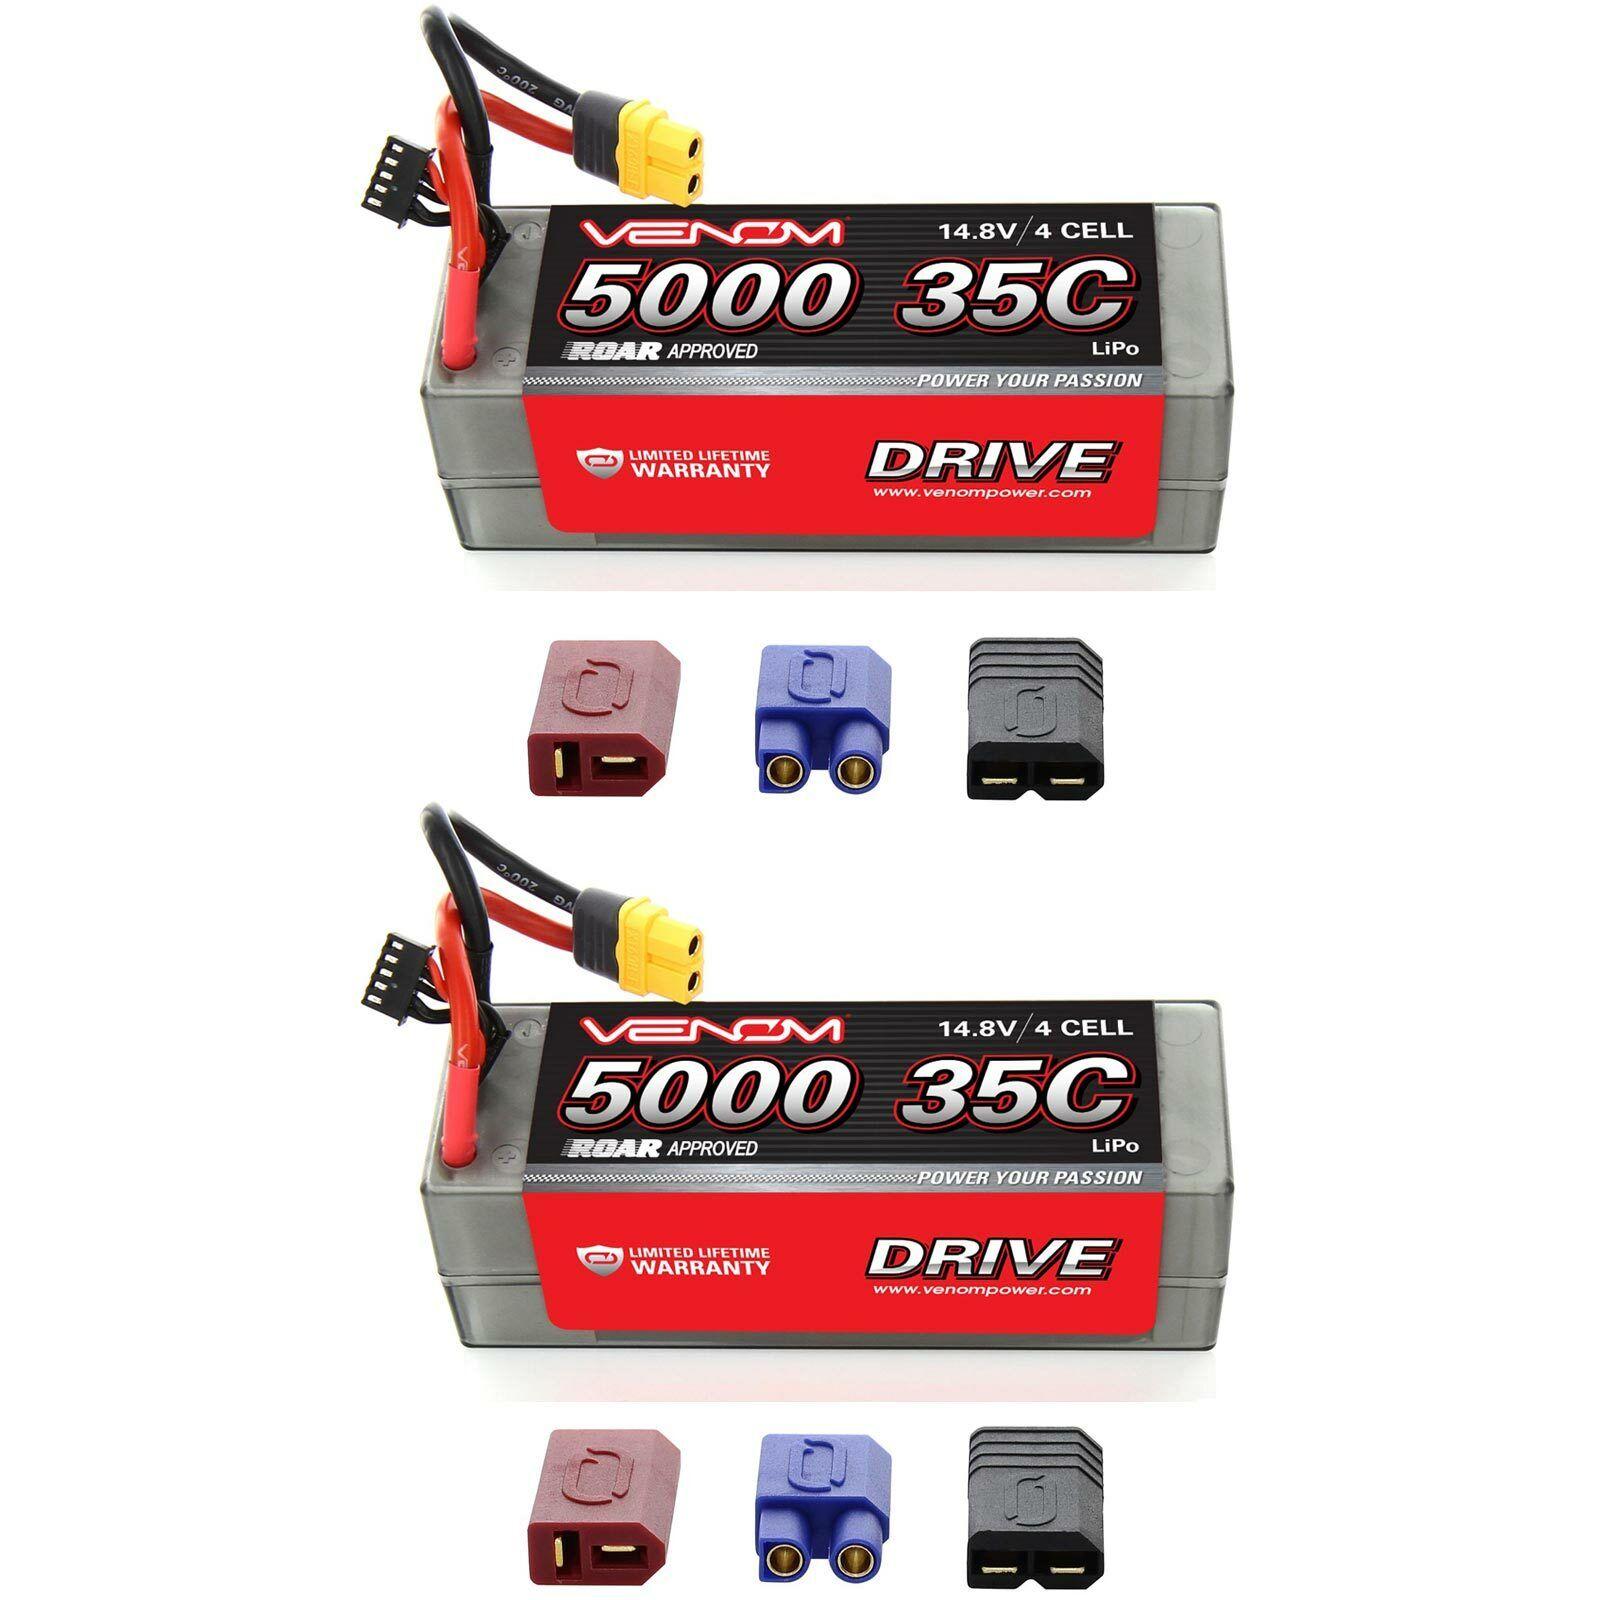 Venom 35C 4S 5000mAh 14.8V Carcasa dura RC Lipo Batería rugido con paquetes de Enchufe x2 Uni